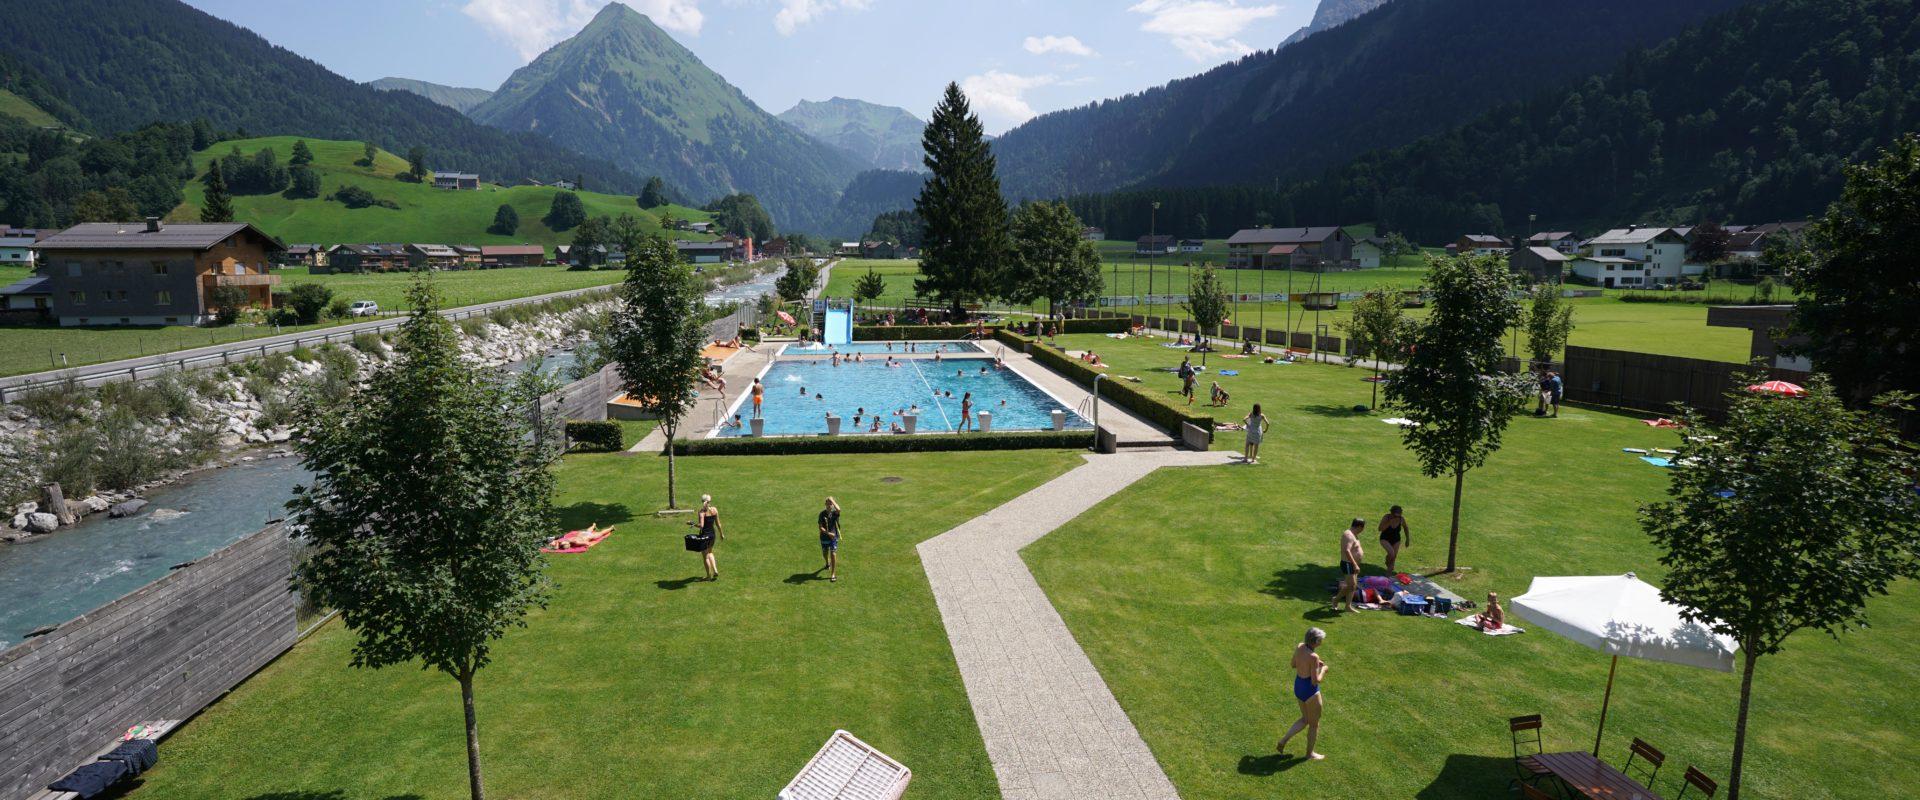 Au Schwimmbad